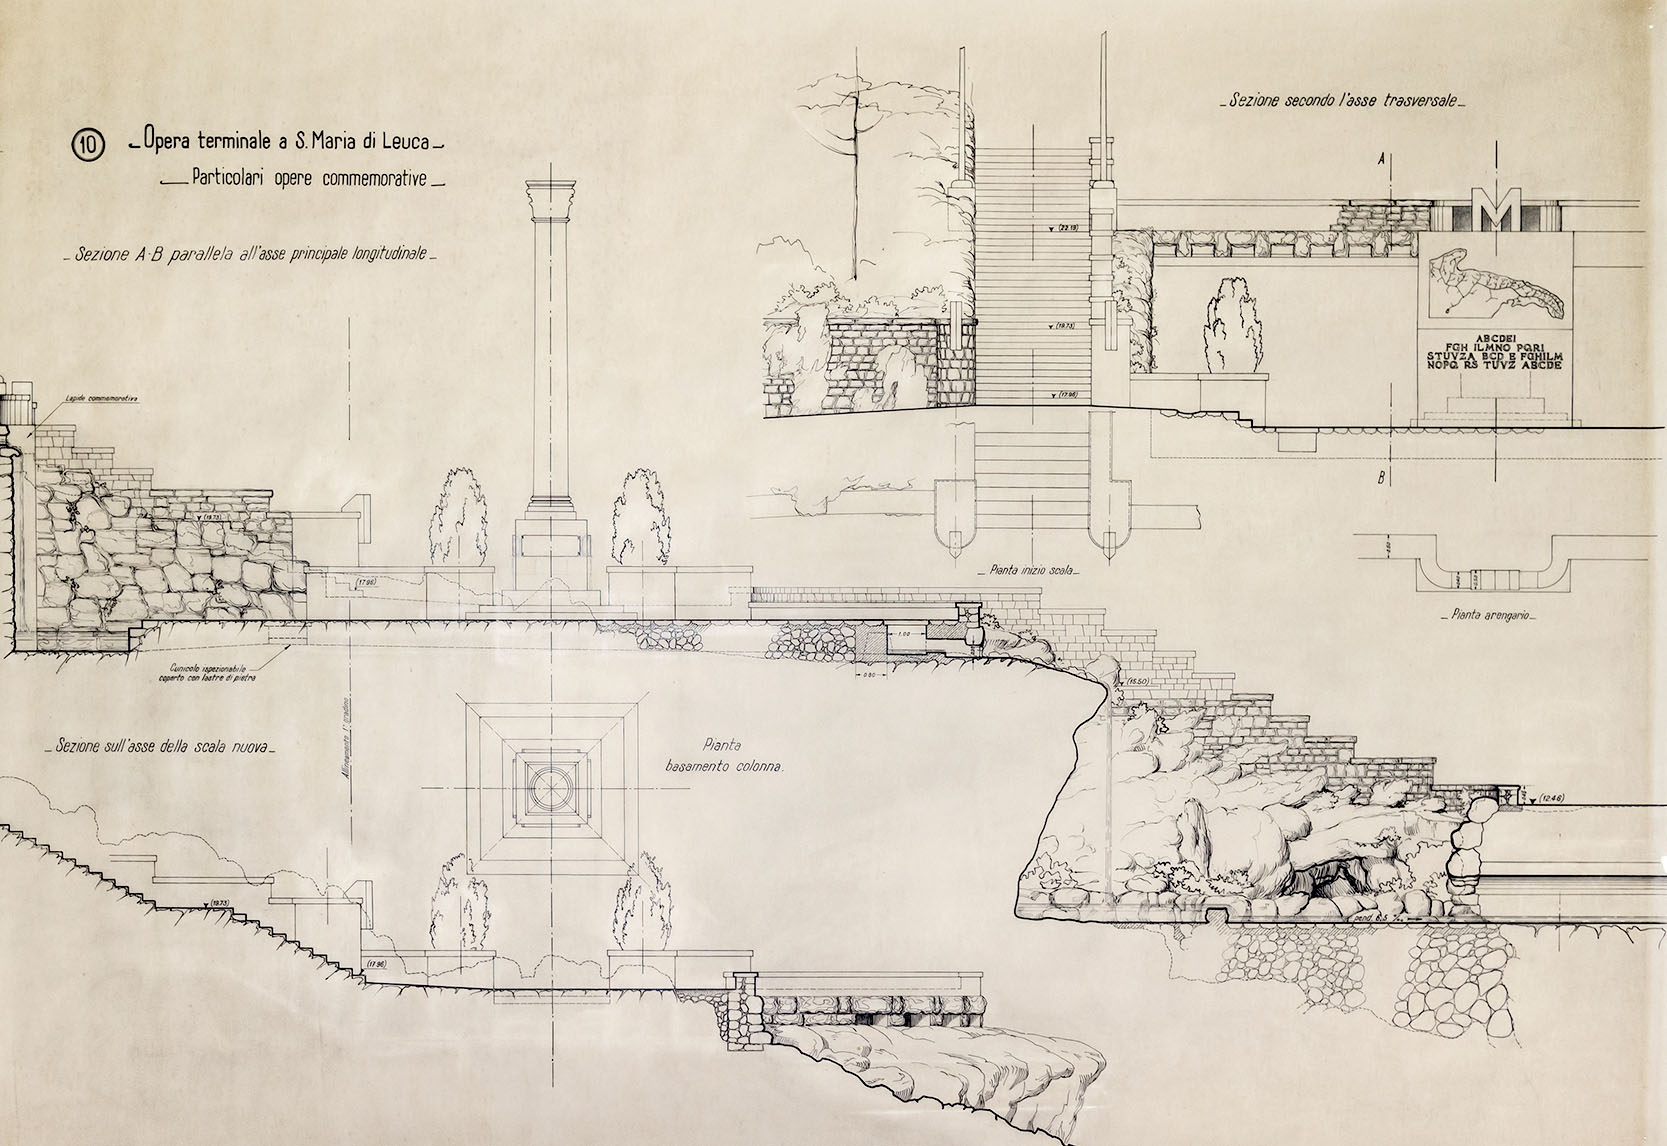 La via dell'acqua. Pratiche di valorizzazione del patrimonio industriale dell'Acquedotto Pugliese_Progetto dell'opera terminale di Santa Maria di Leuca